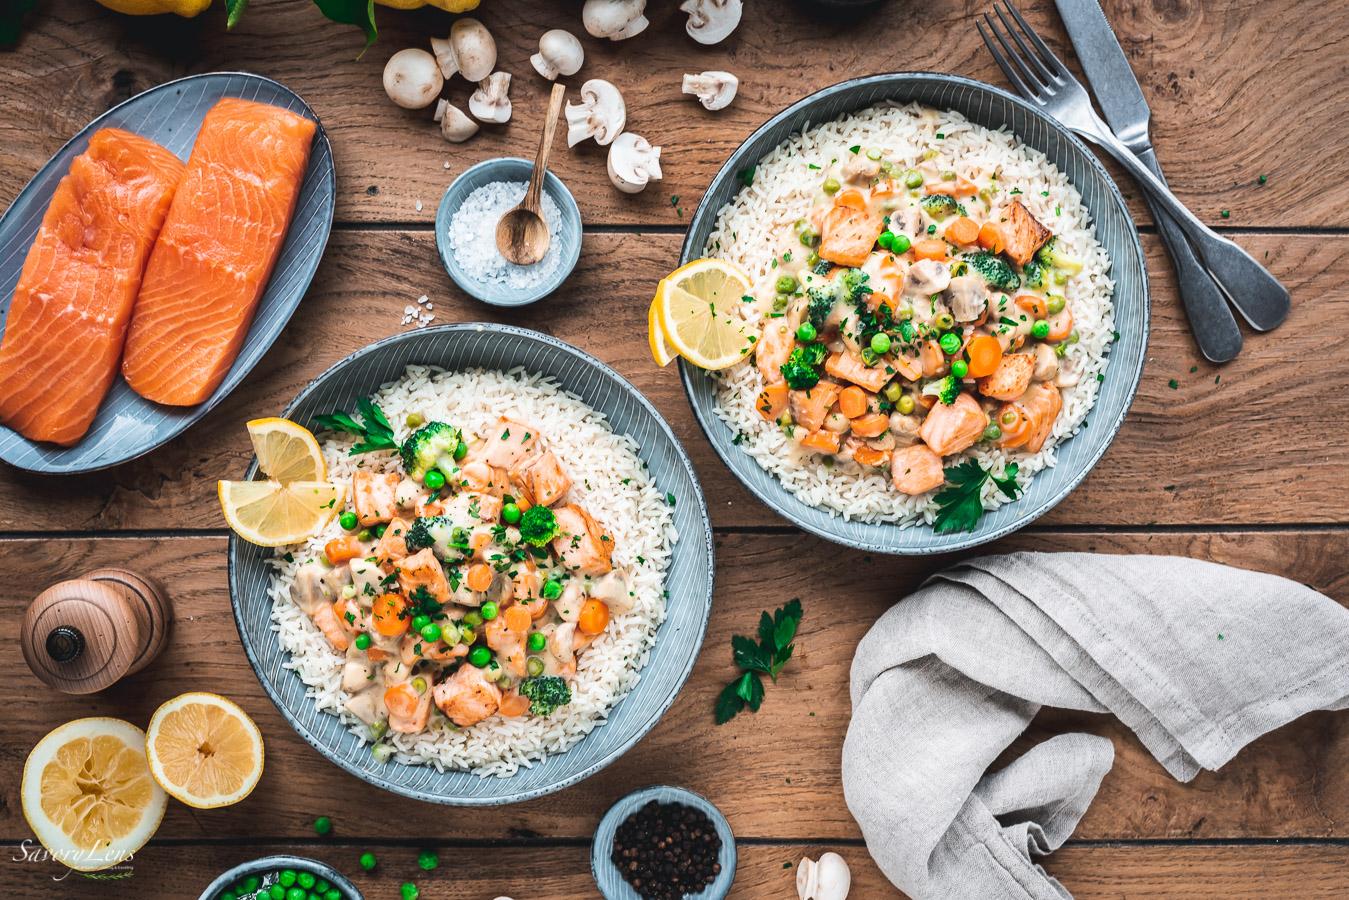 Lachsfrikassee mit Reis und Gemüse - schneller Lunch im Homeoffice – SavoryLens